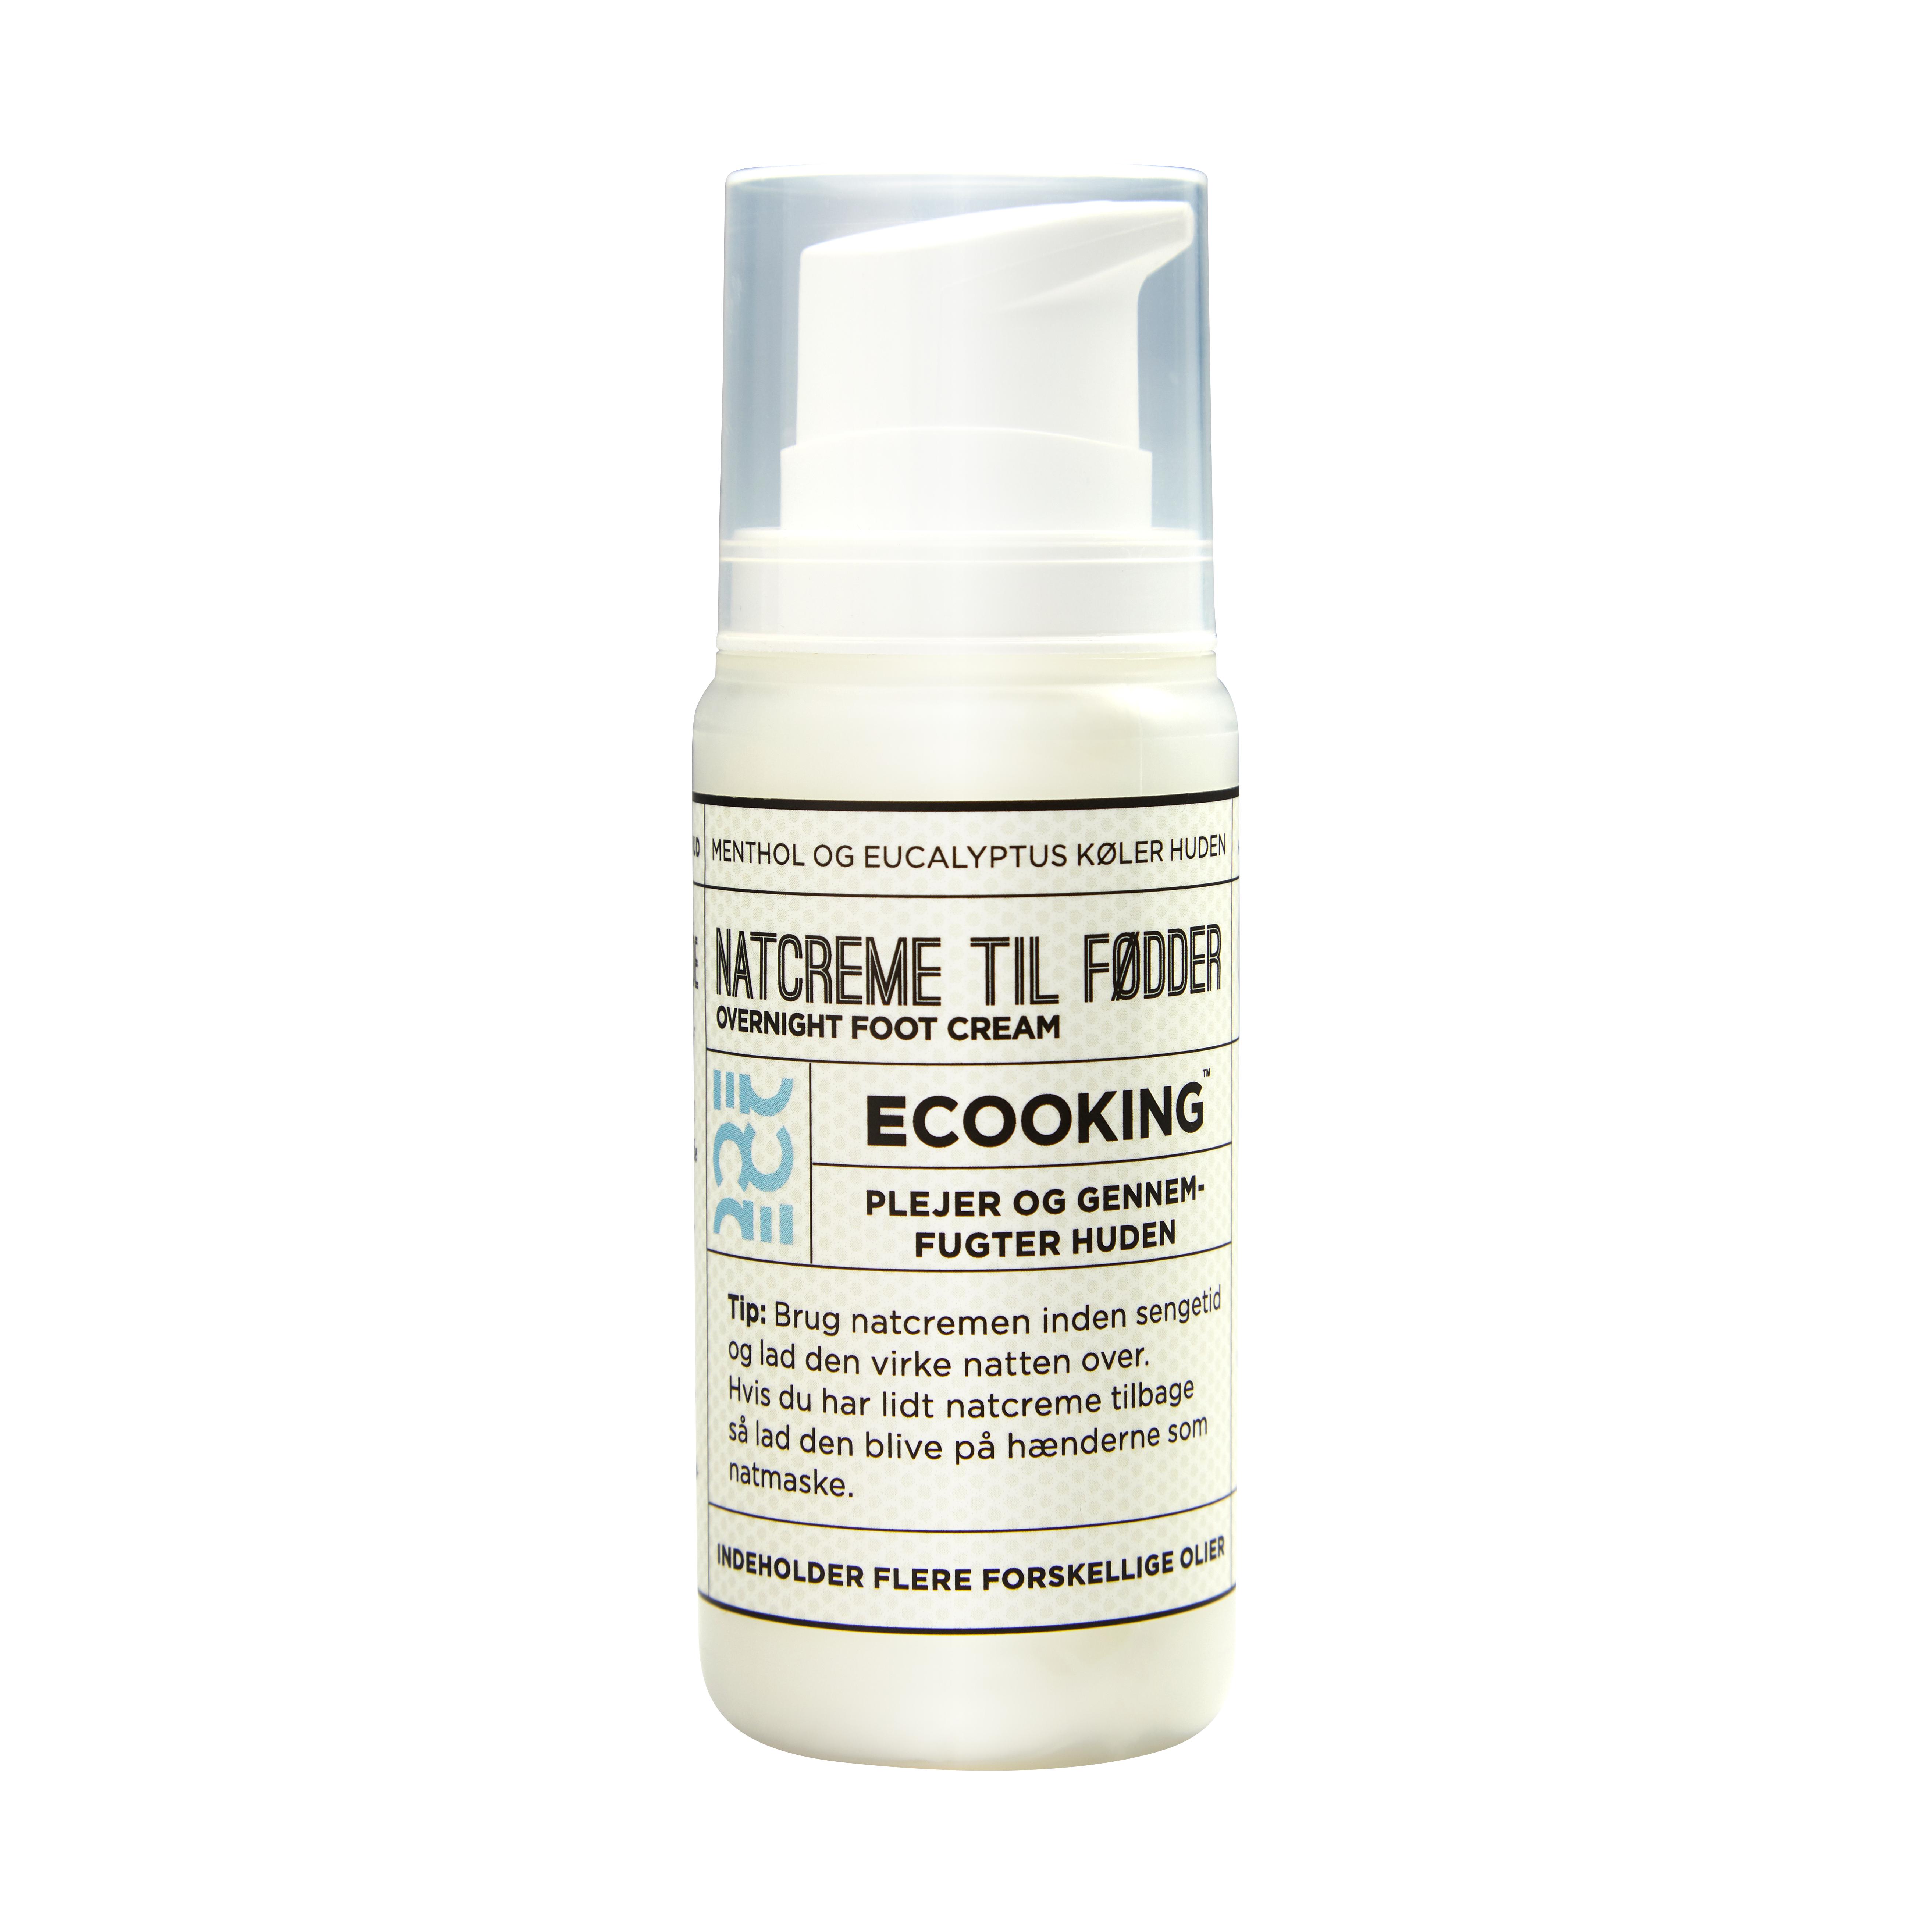 Ecooking Natcreme til Fødder, 100 ml